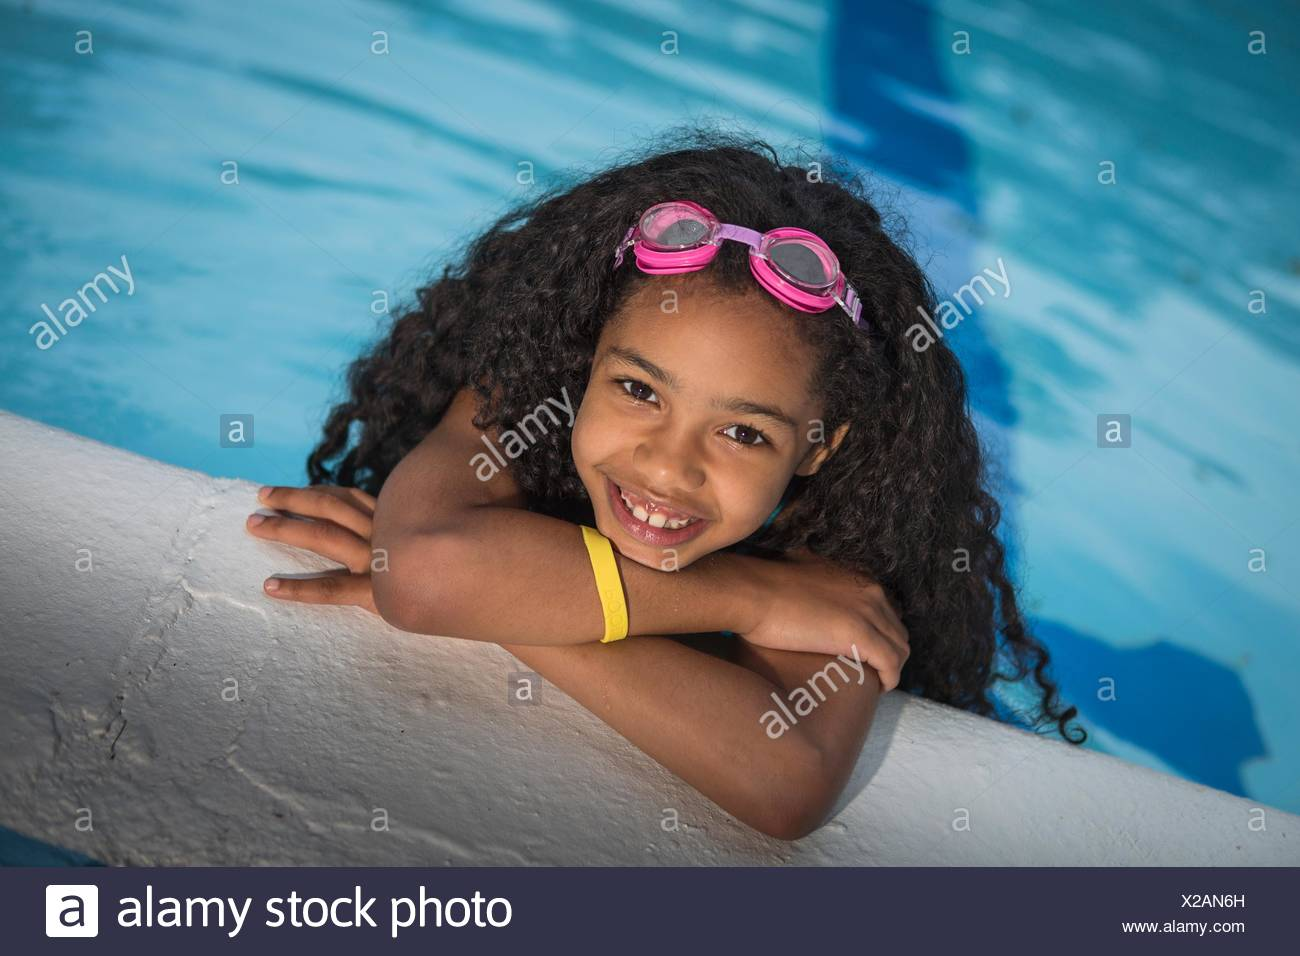 Ritratto di ragazza con ricci capelli neri appeso sul bordo della piscina, guardando alla fotocamera a sorridere Immagini Stock